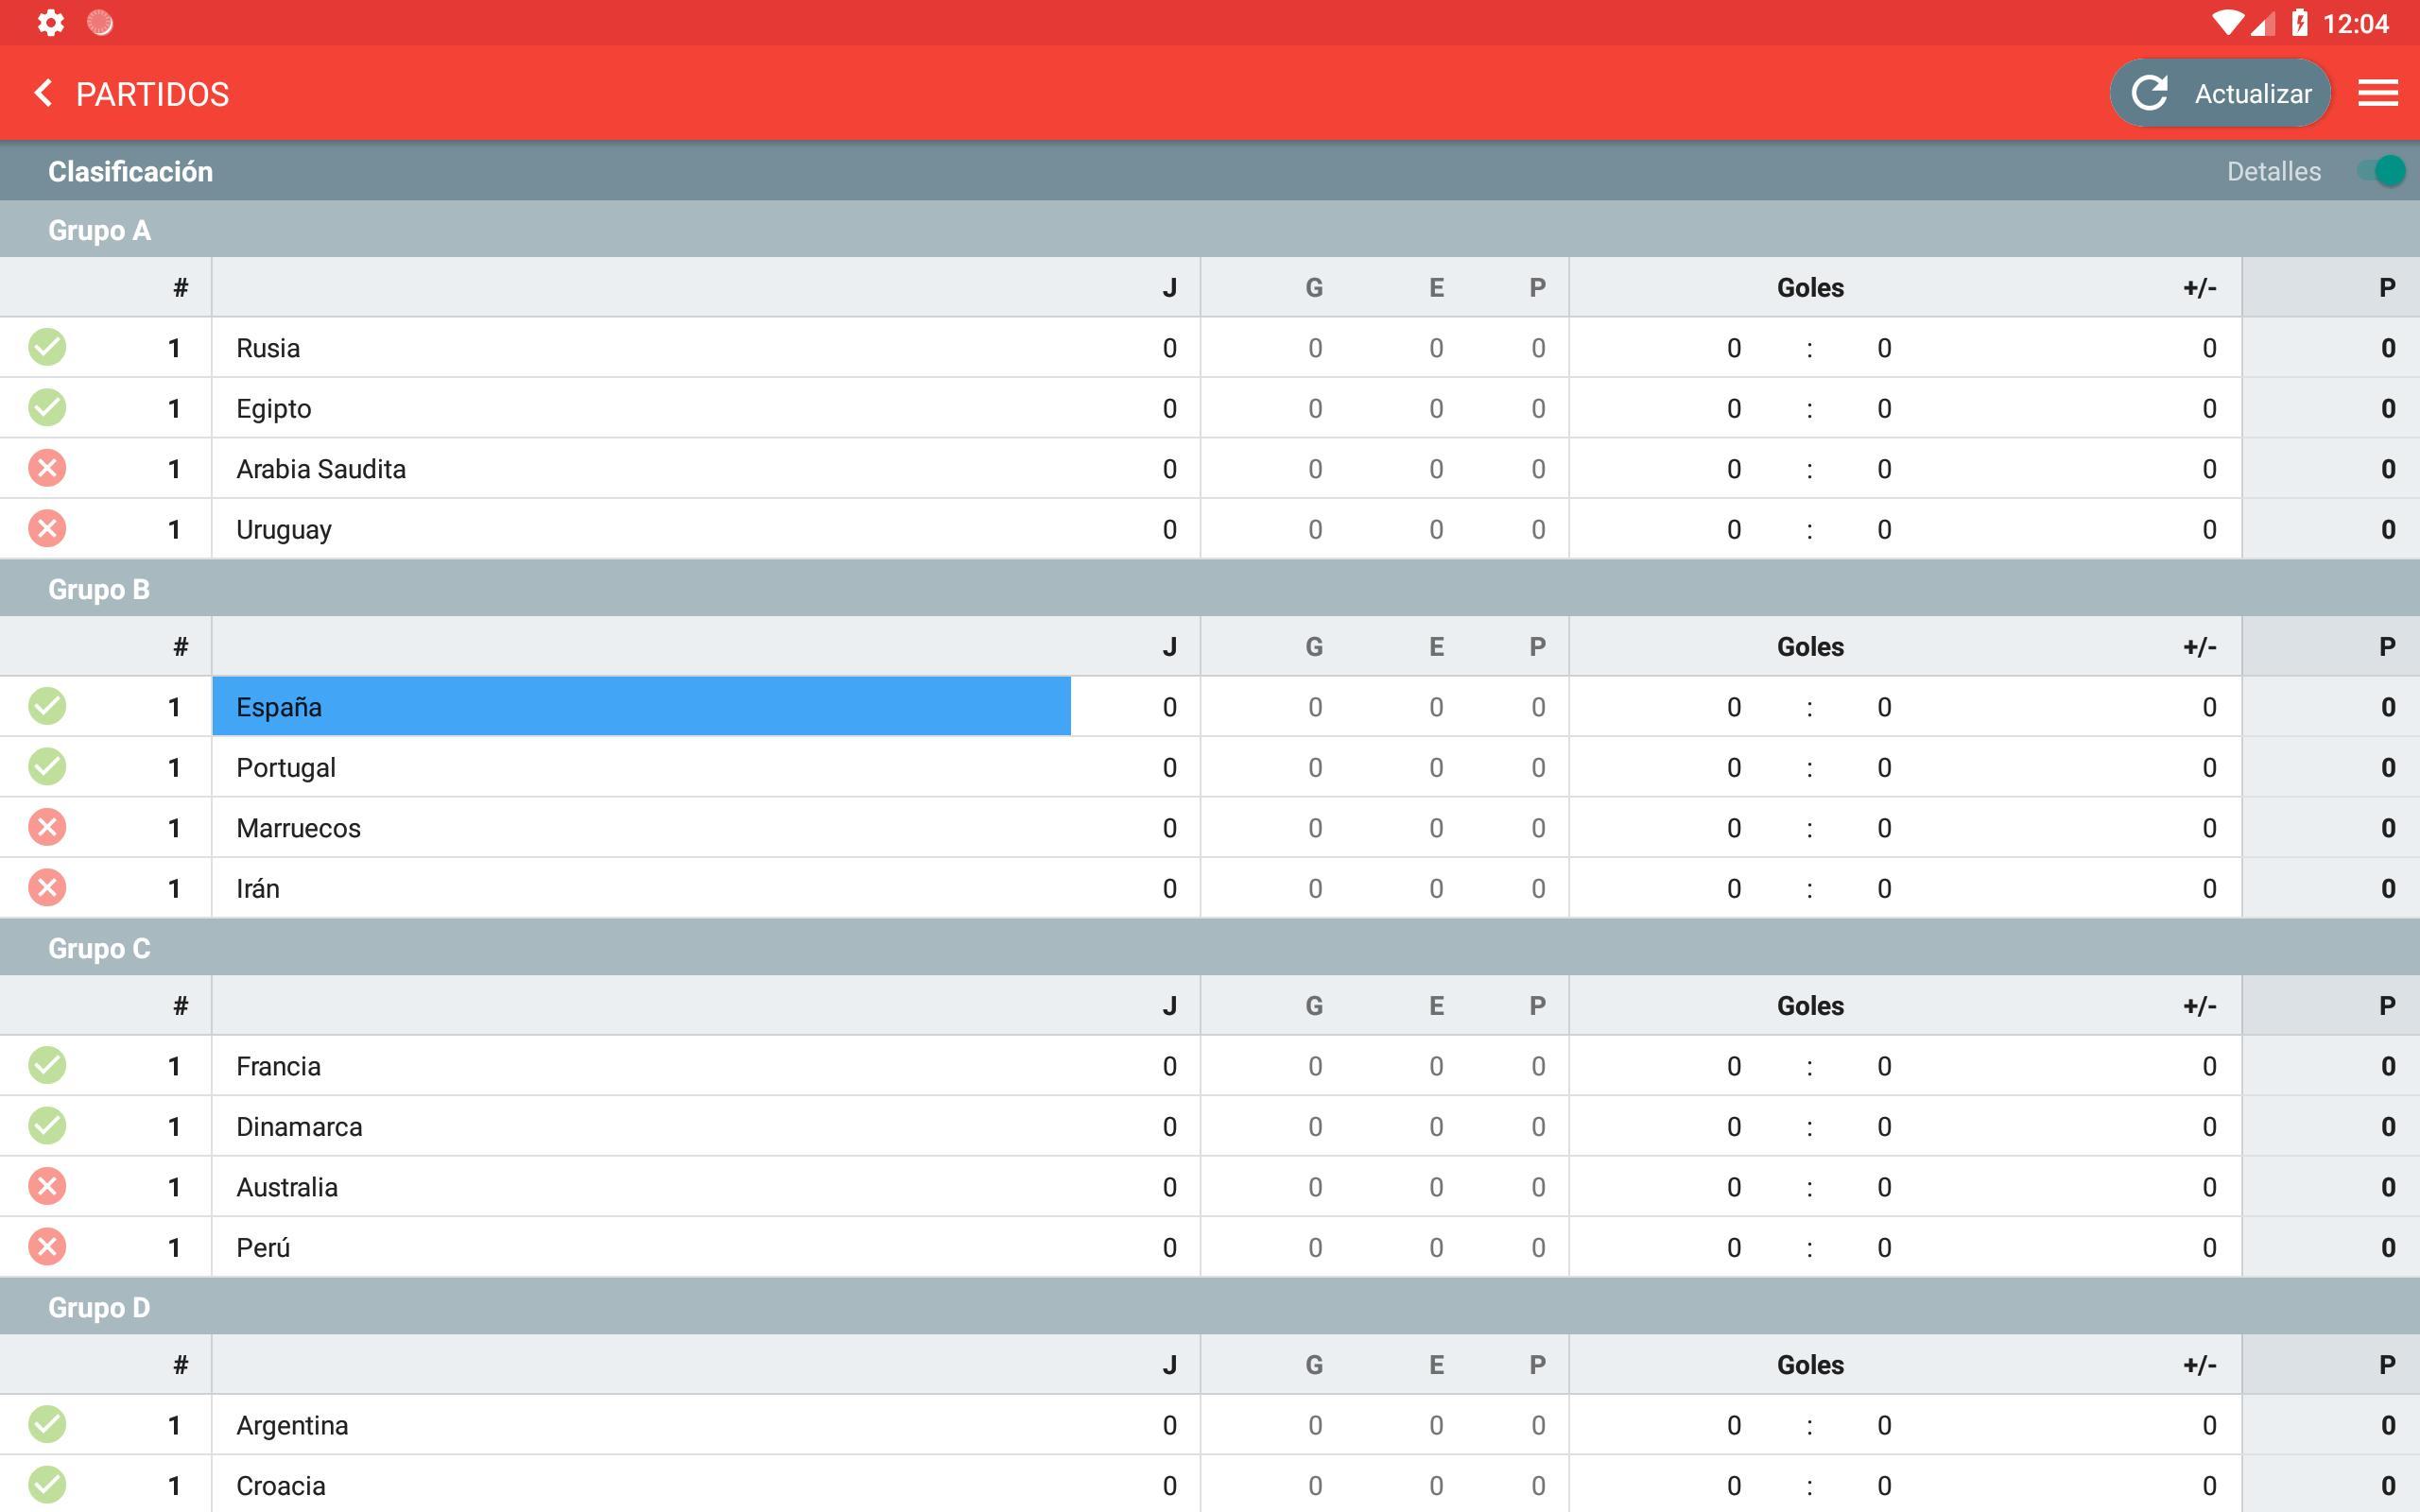 Actualizar Calendario.Eurocopa 2020 Calendario Clasificacion For Android Apk